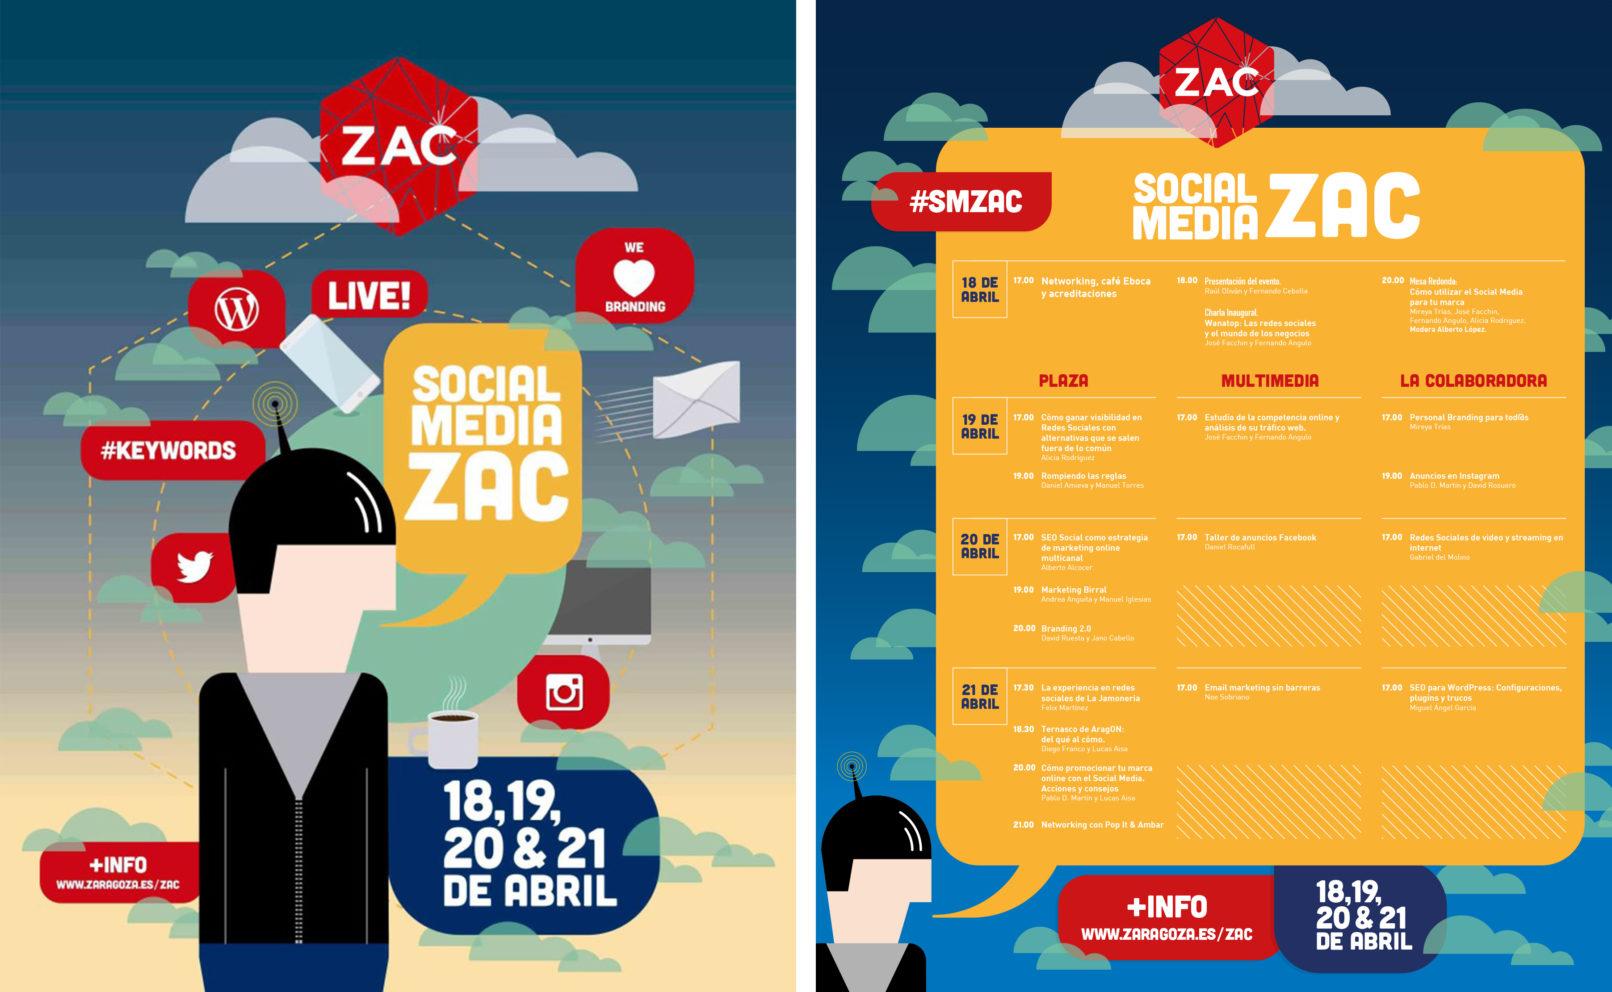 cartel-social-media-zac-zaragoza2016